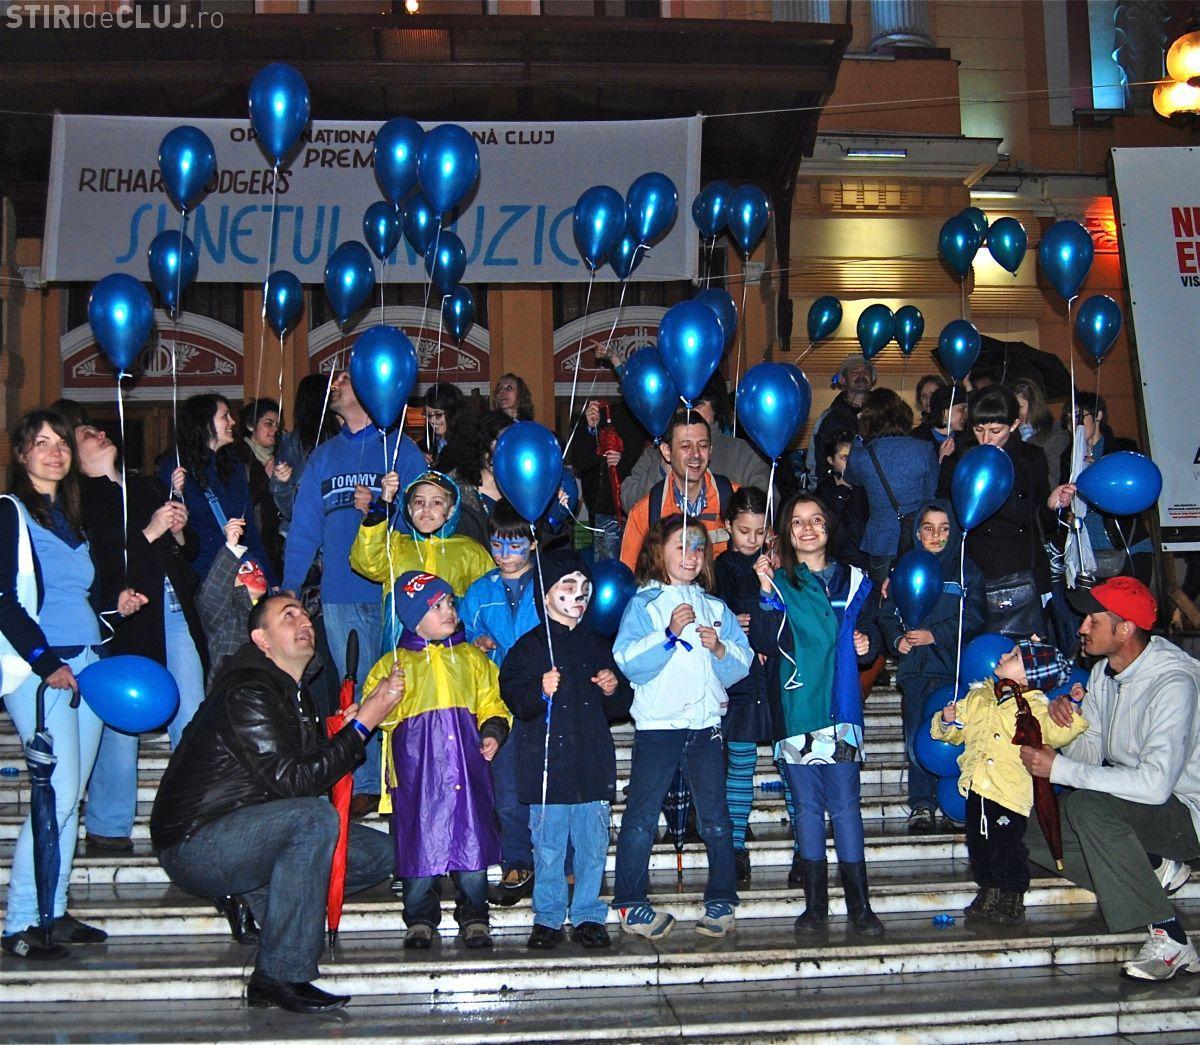 Teatrul National din Cluj, iluminat in albastru in 1 aprilie de Ziua internationala de constientizare a autismului